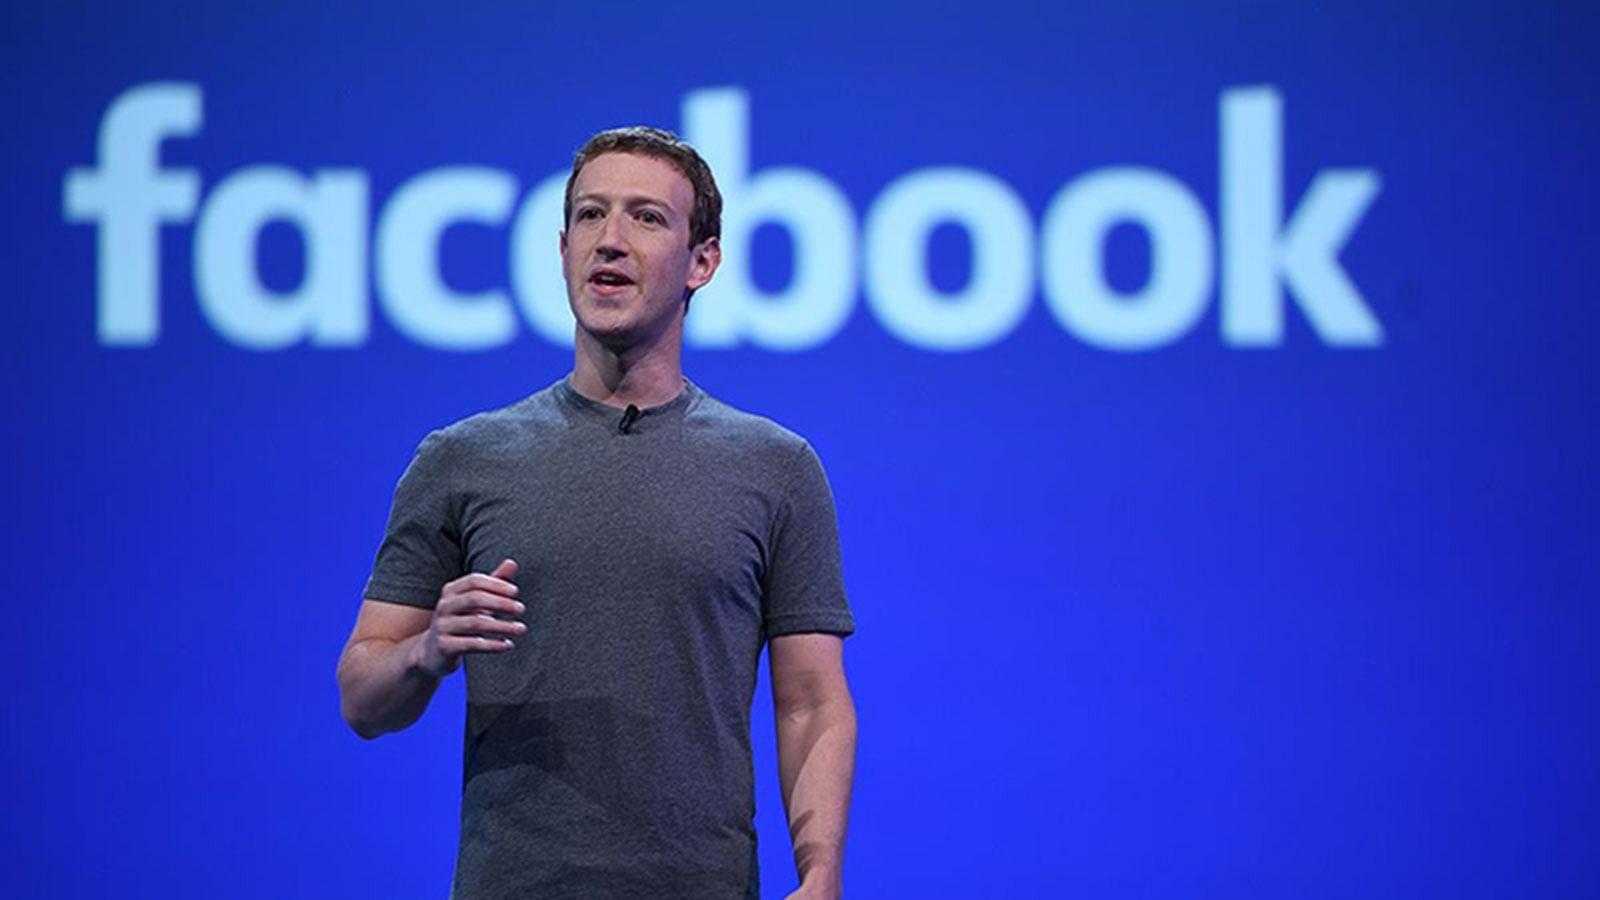 Futuro do facebook é o metaverso, diz zuckerberg